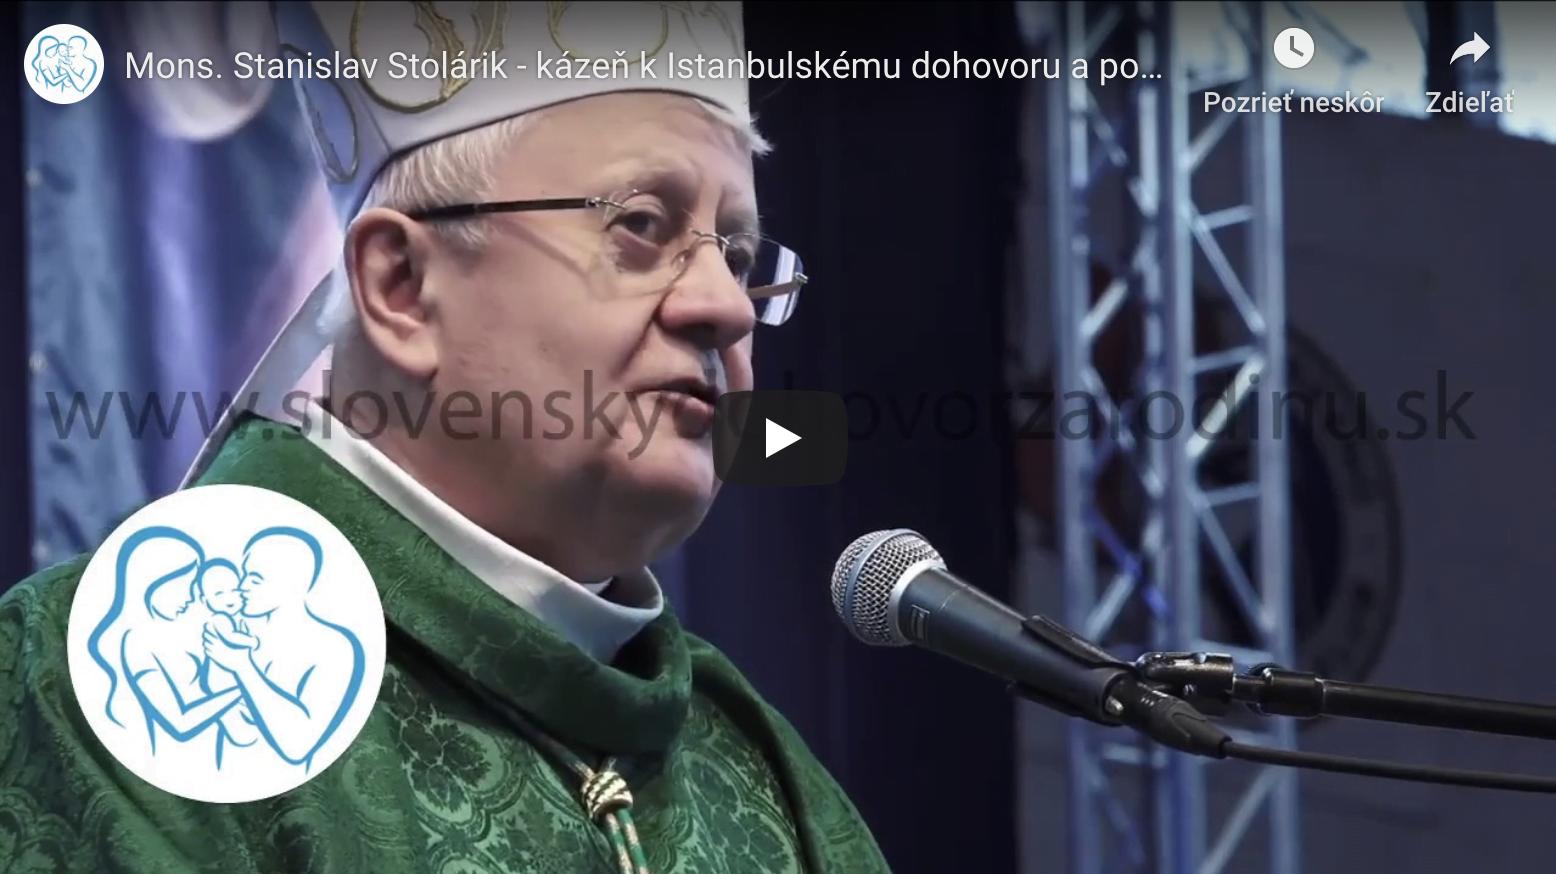 Mons. Stanislav Stolárik – kázeň k Istanbulskému dohovru a podpora SDZR